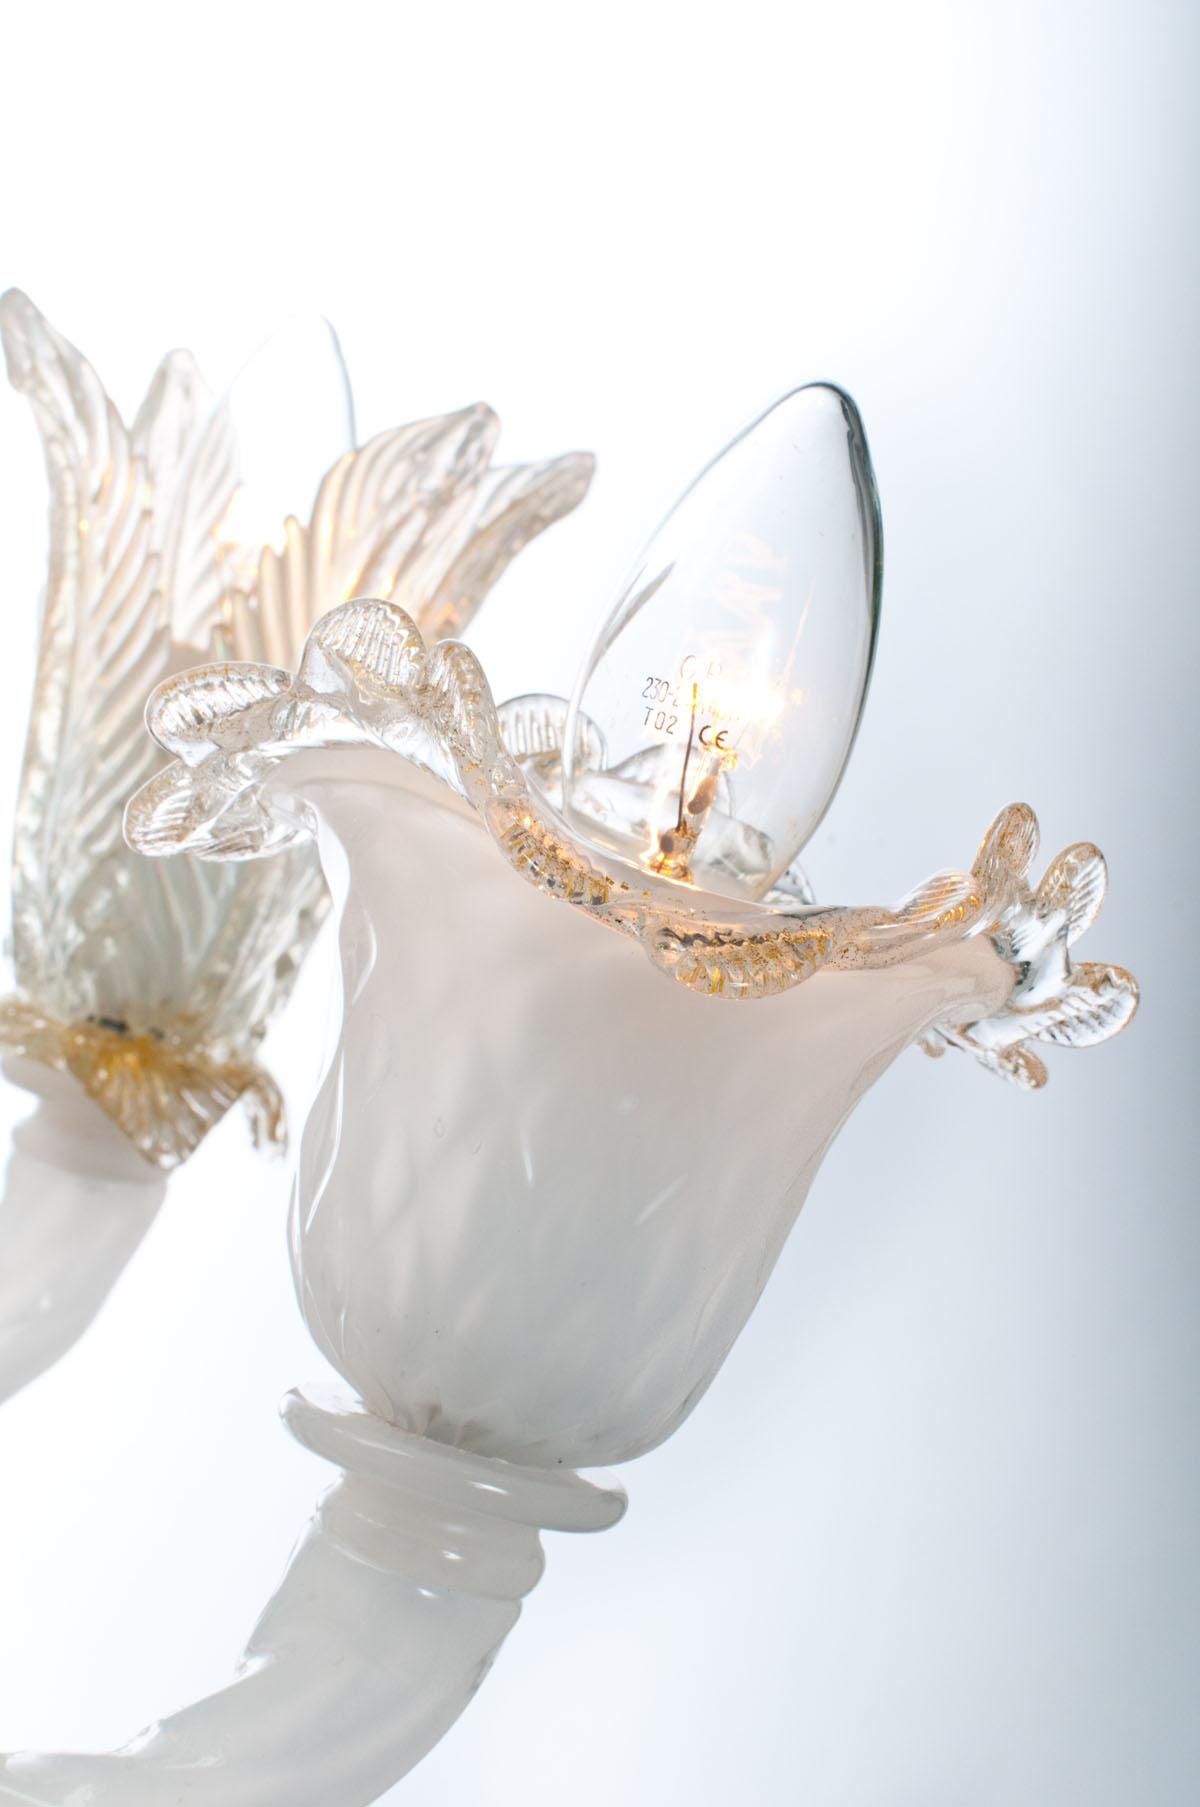 noel-christmas-chandelier-lustre-2012-veronese-9.jpg